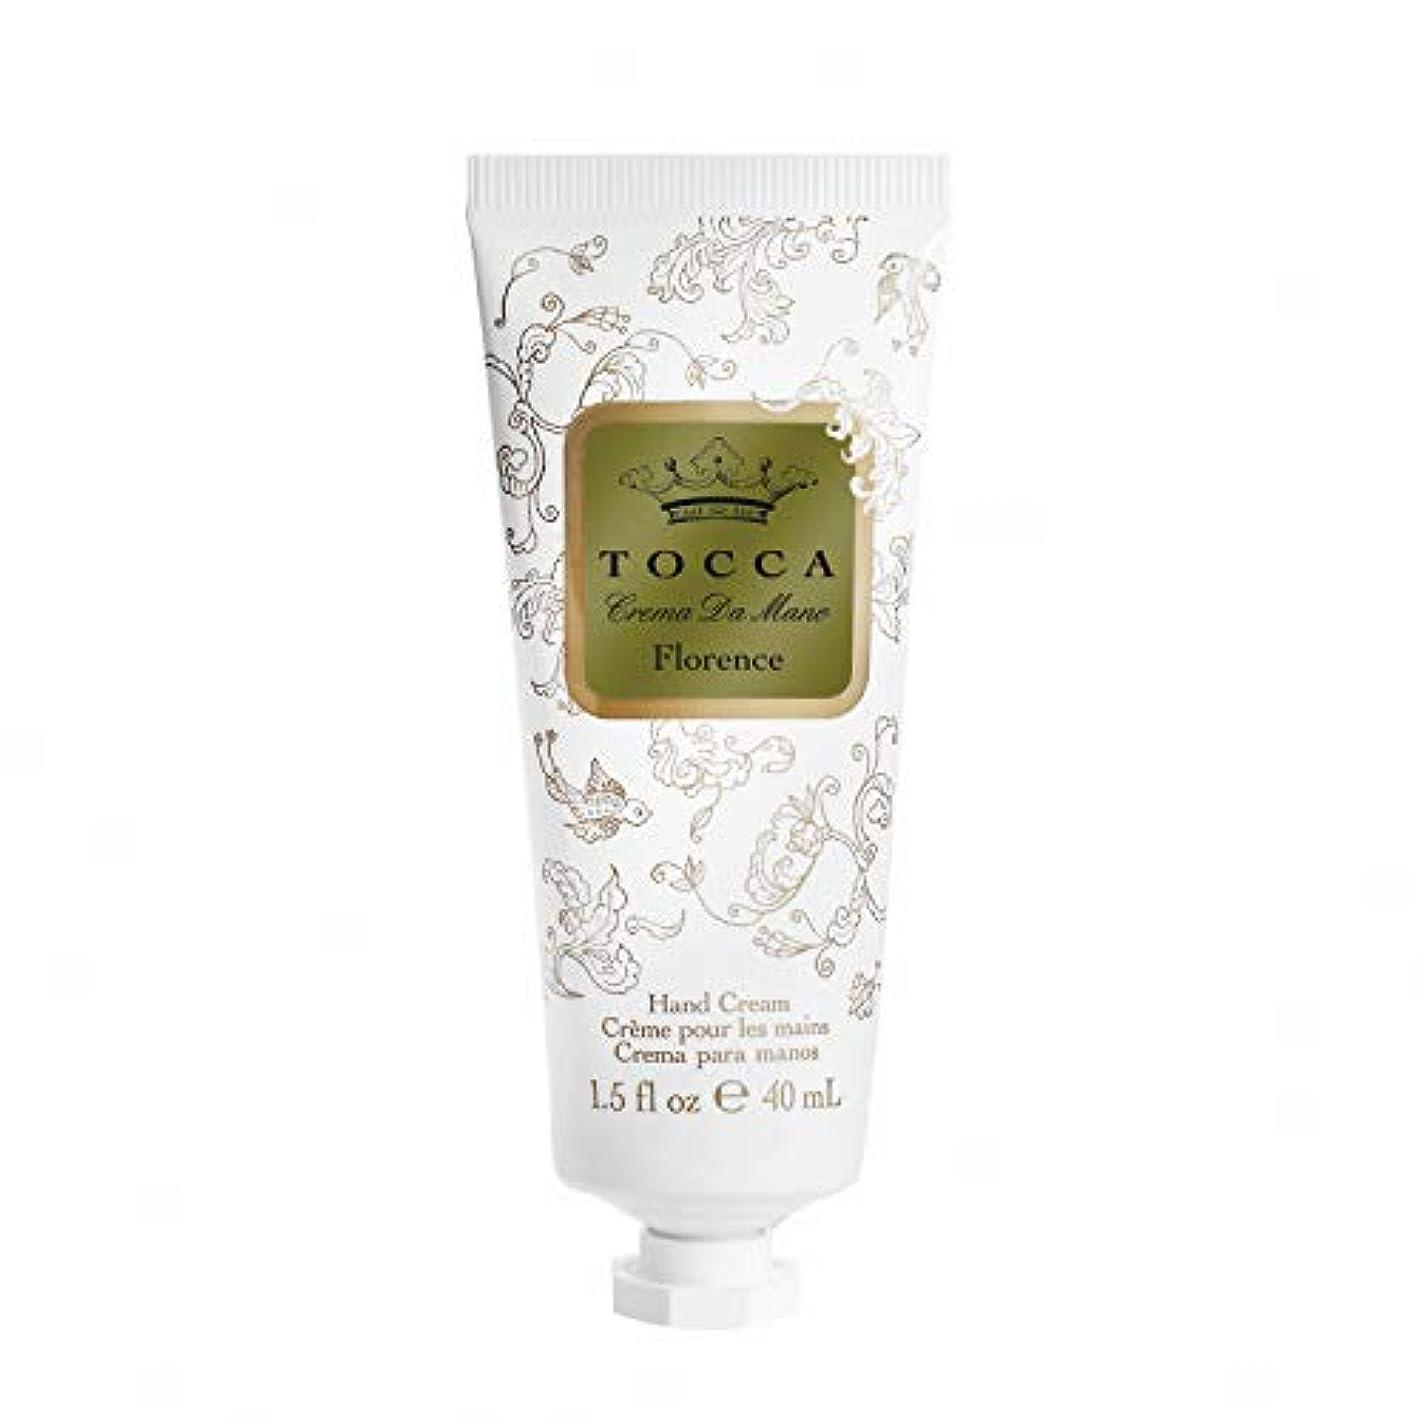 悪化させる引く引き潮トッカ(TOCCA) ハンドクリーム フローレンスの香り 40mL (ガーデニアとベルガモットが誘うように溶け合うどこまでも上品なフローラルの香り)